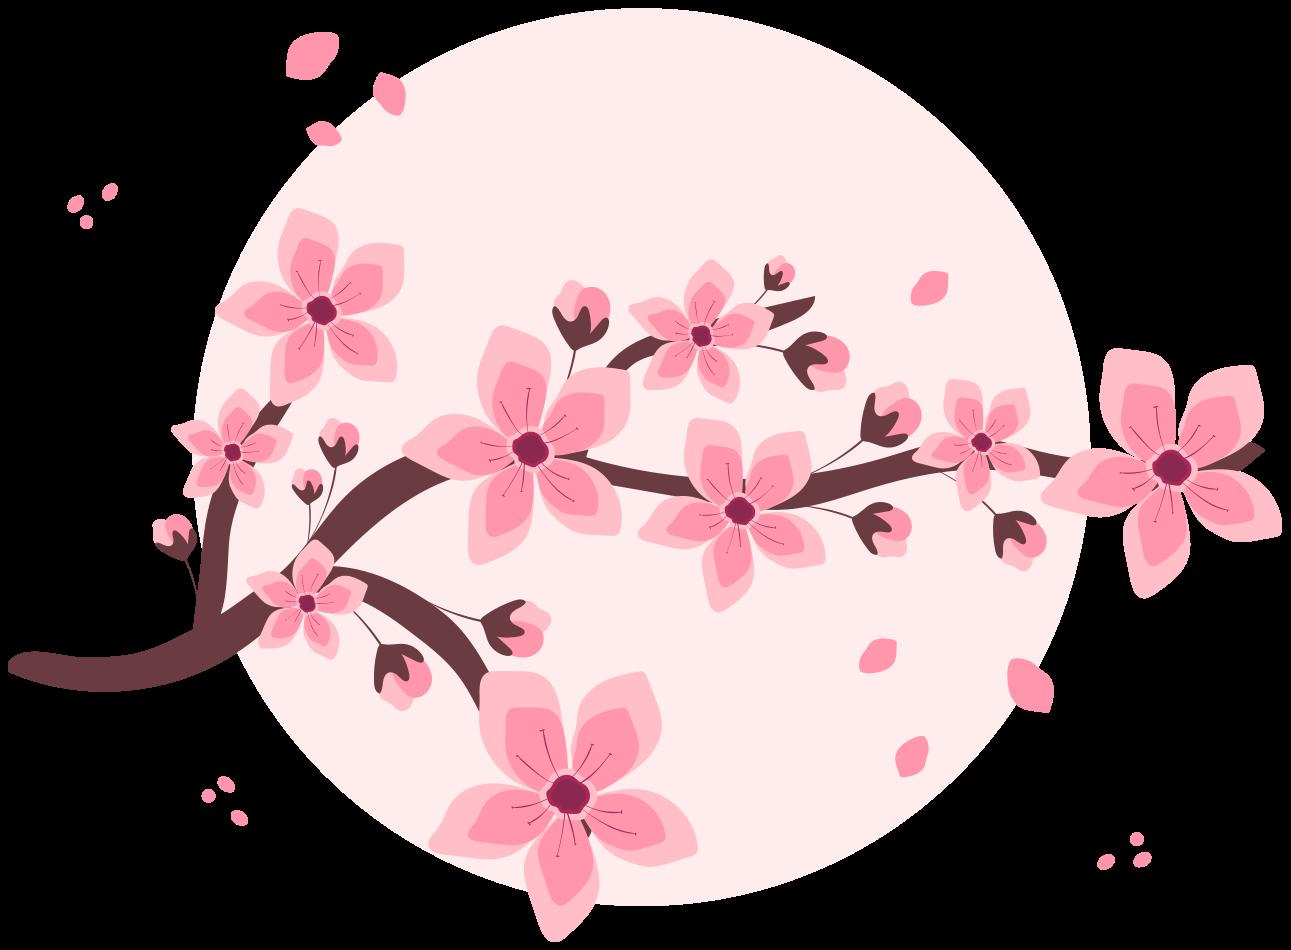 TenVinilo. Árbol en vinilo con flores primaverales en círculo. Hermosa vinilo flores de árbol en círculo rosa diseñado de forma elegante para decorar tu casa. Fácil de colocar ¡Envío a domicilio!